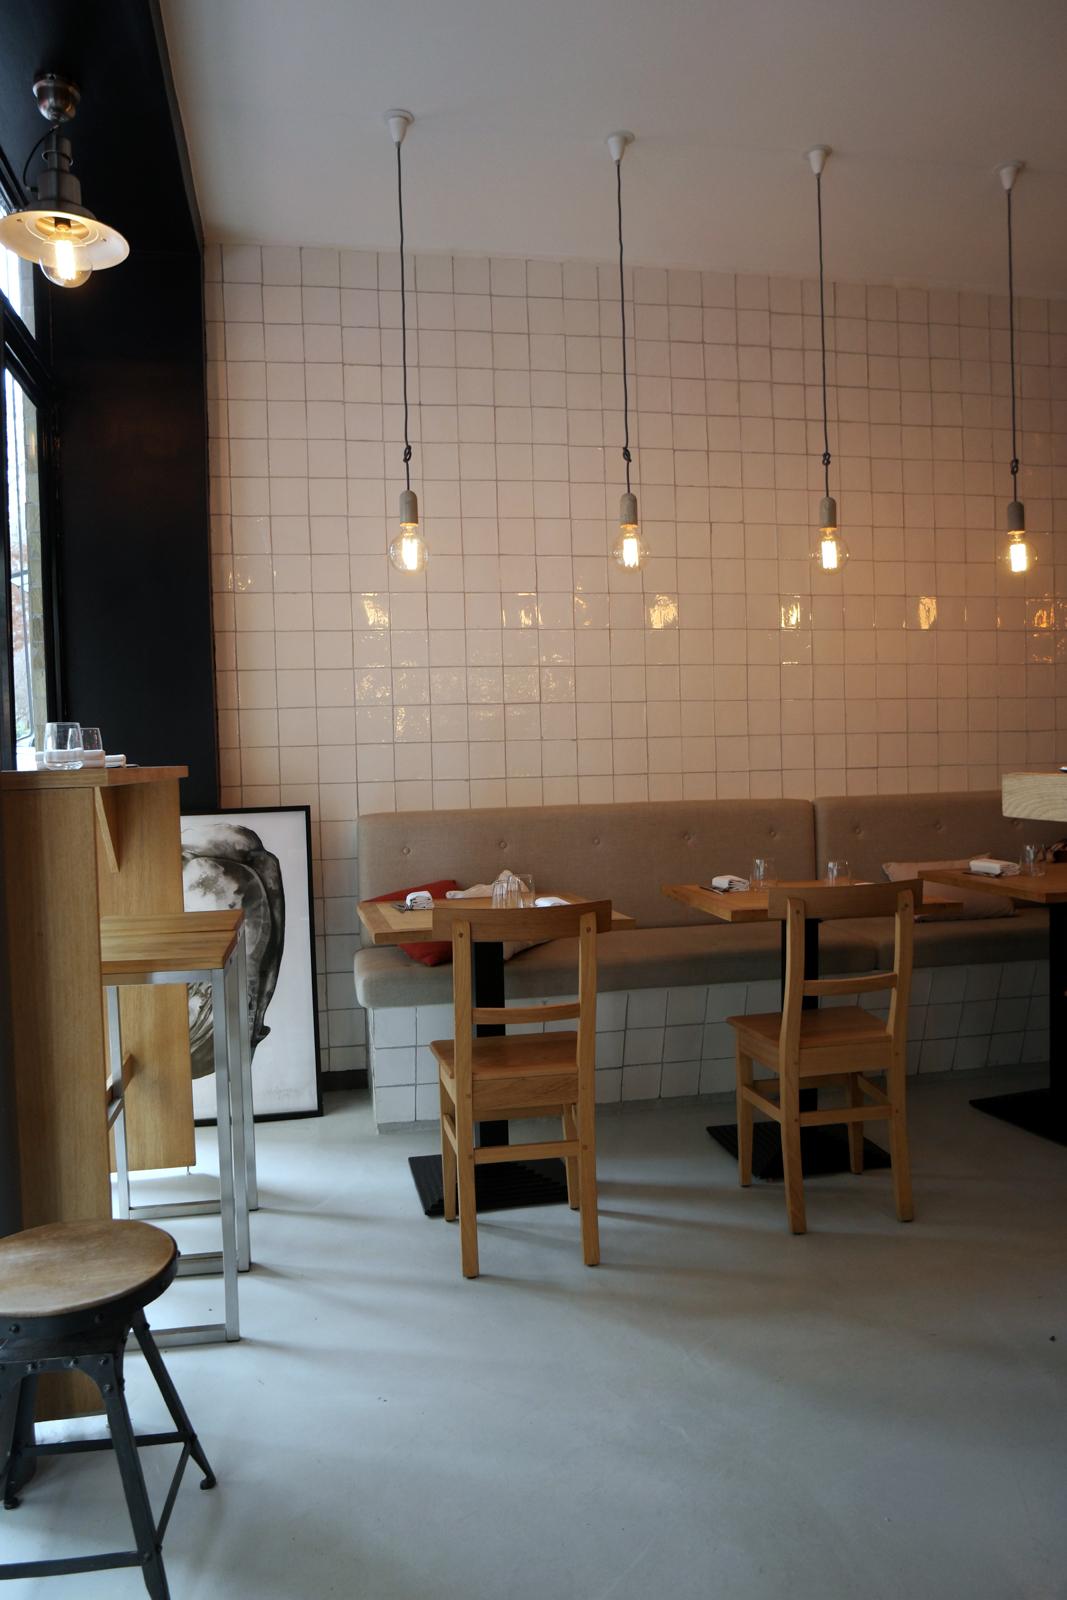 Salt Restaurant Paris intérieur design avec tables basses et hautes salle au déjeuner 6 rue Rochebrune 11e photo usofparis blog